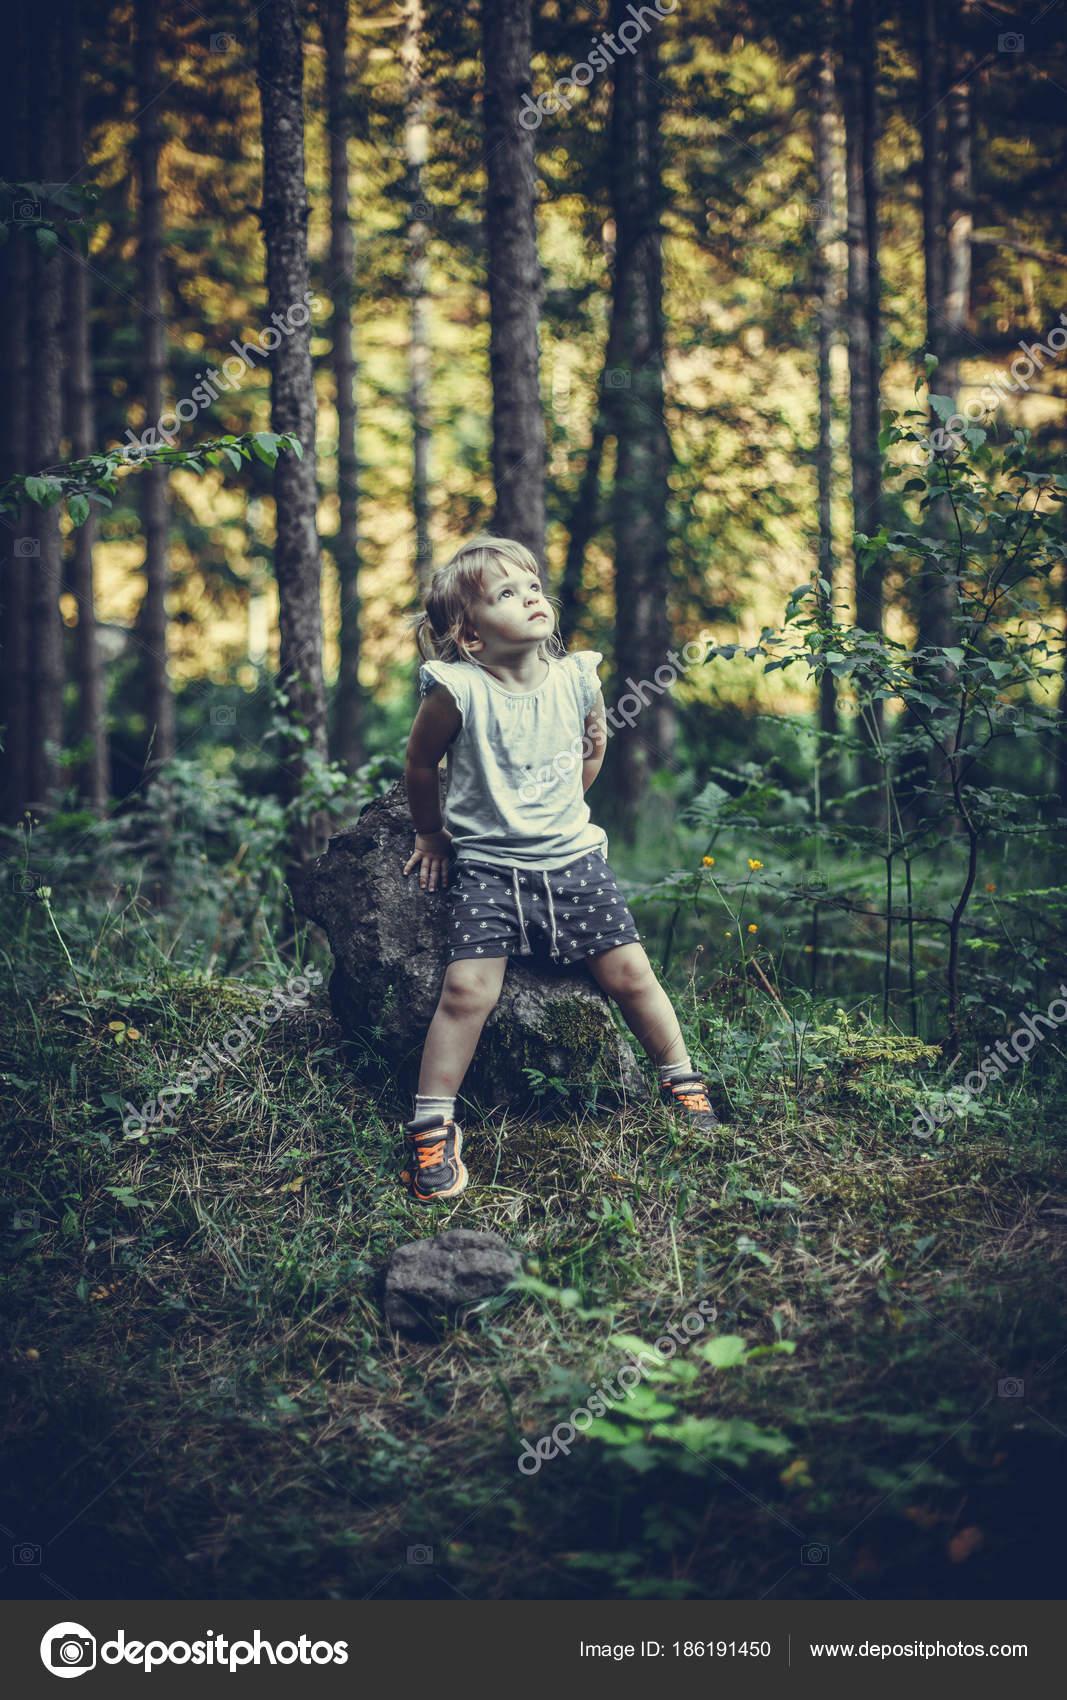 Fotografie Van Een Man Zittend Op Een Rots · gratis stockfoto